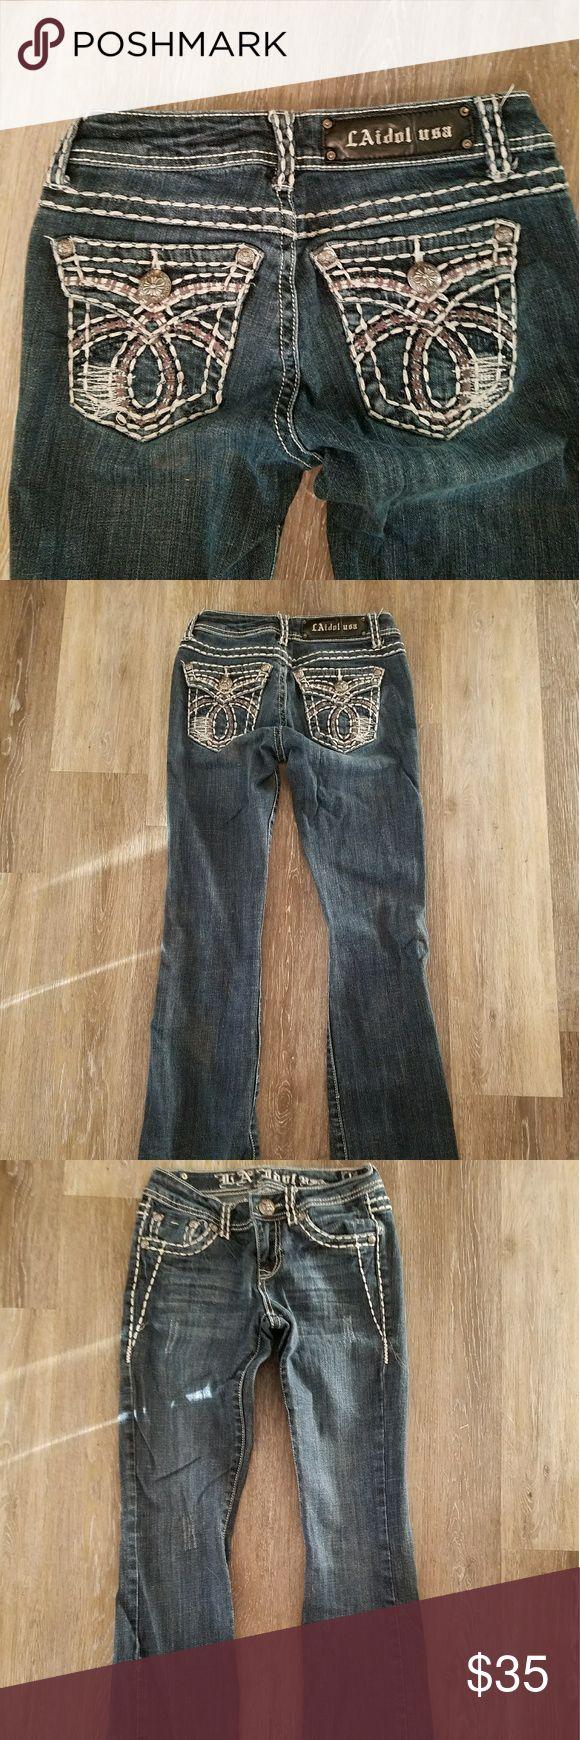 New LA Idol jeans New LA Idol jeans size 27 LAidol Jeans Boot Cut